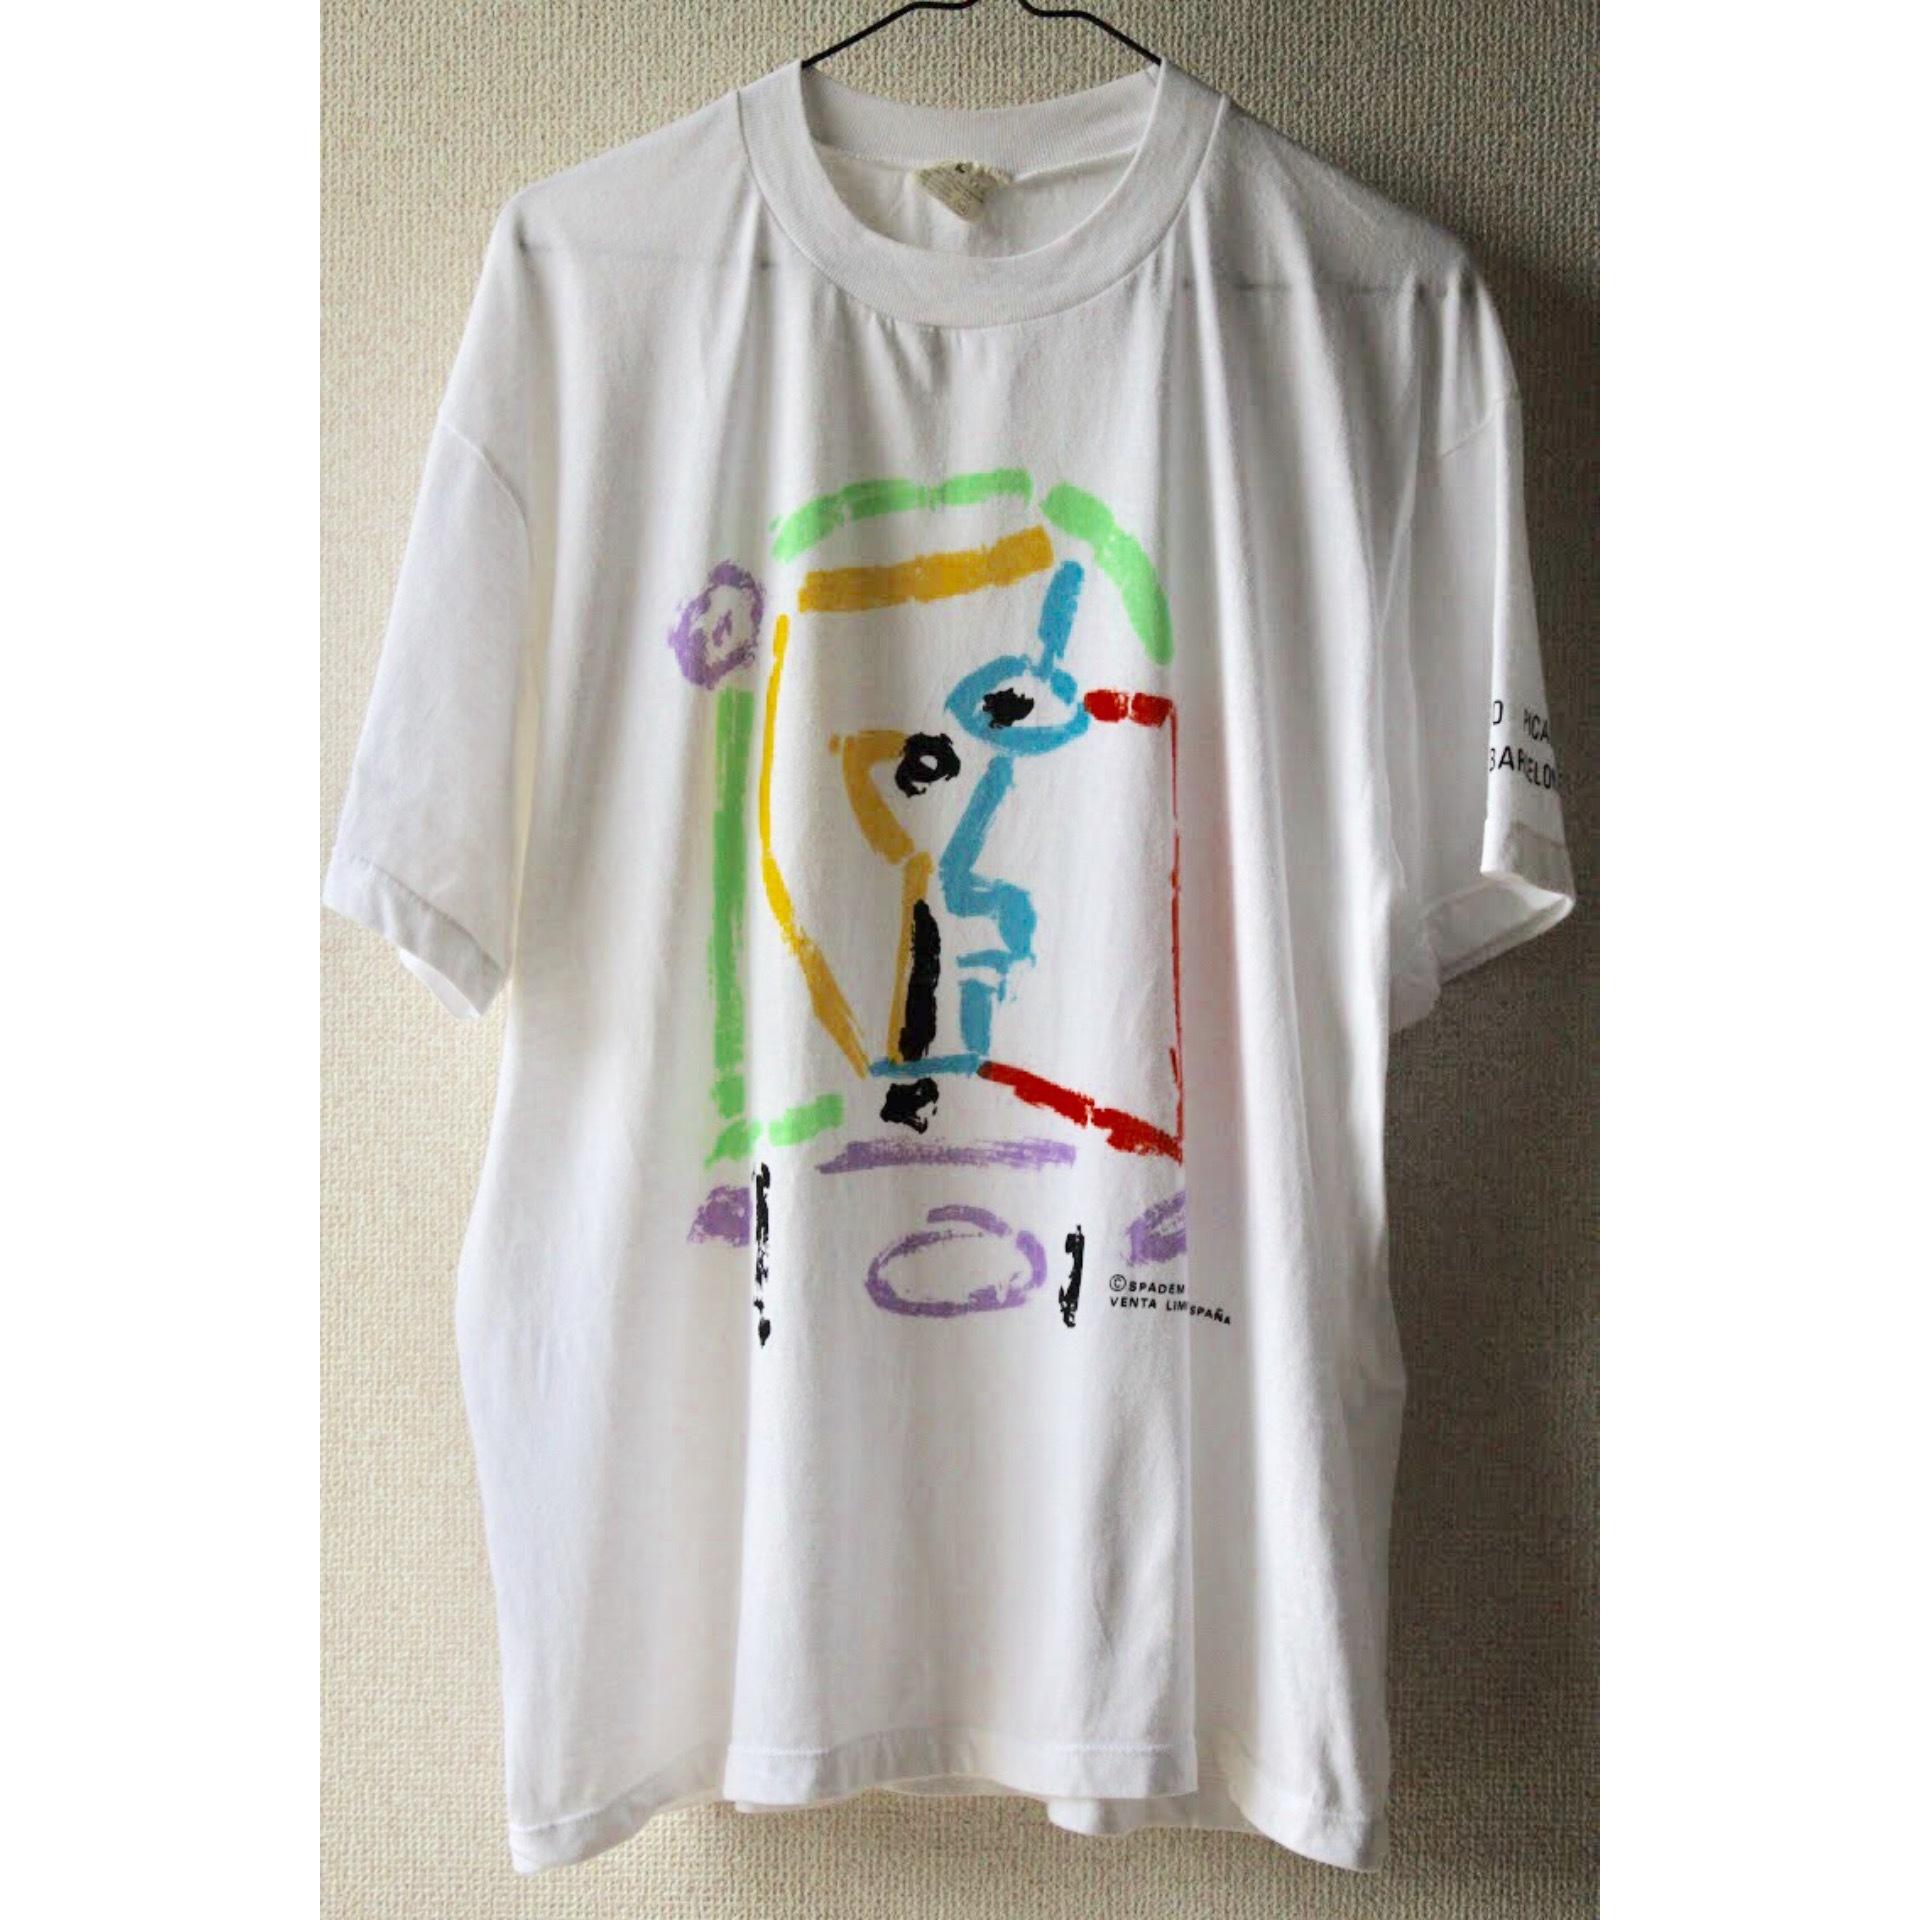 Vintage Pablo Picasso museum t shirt